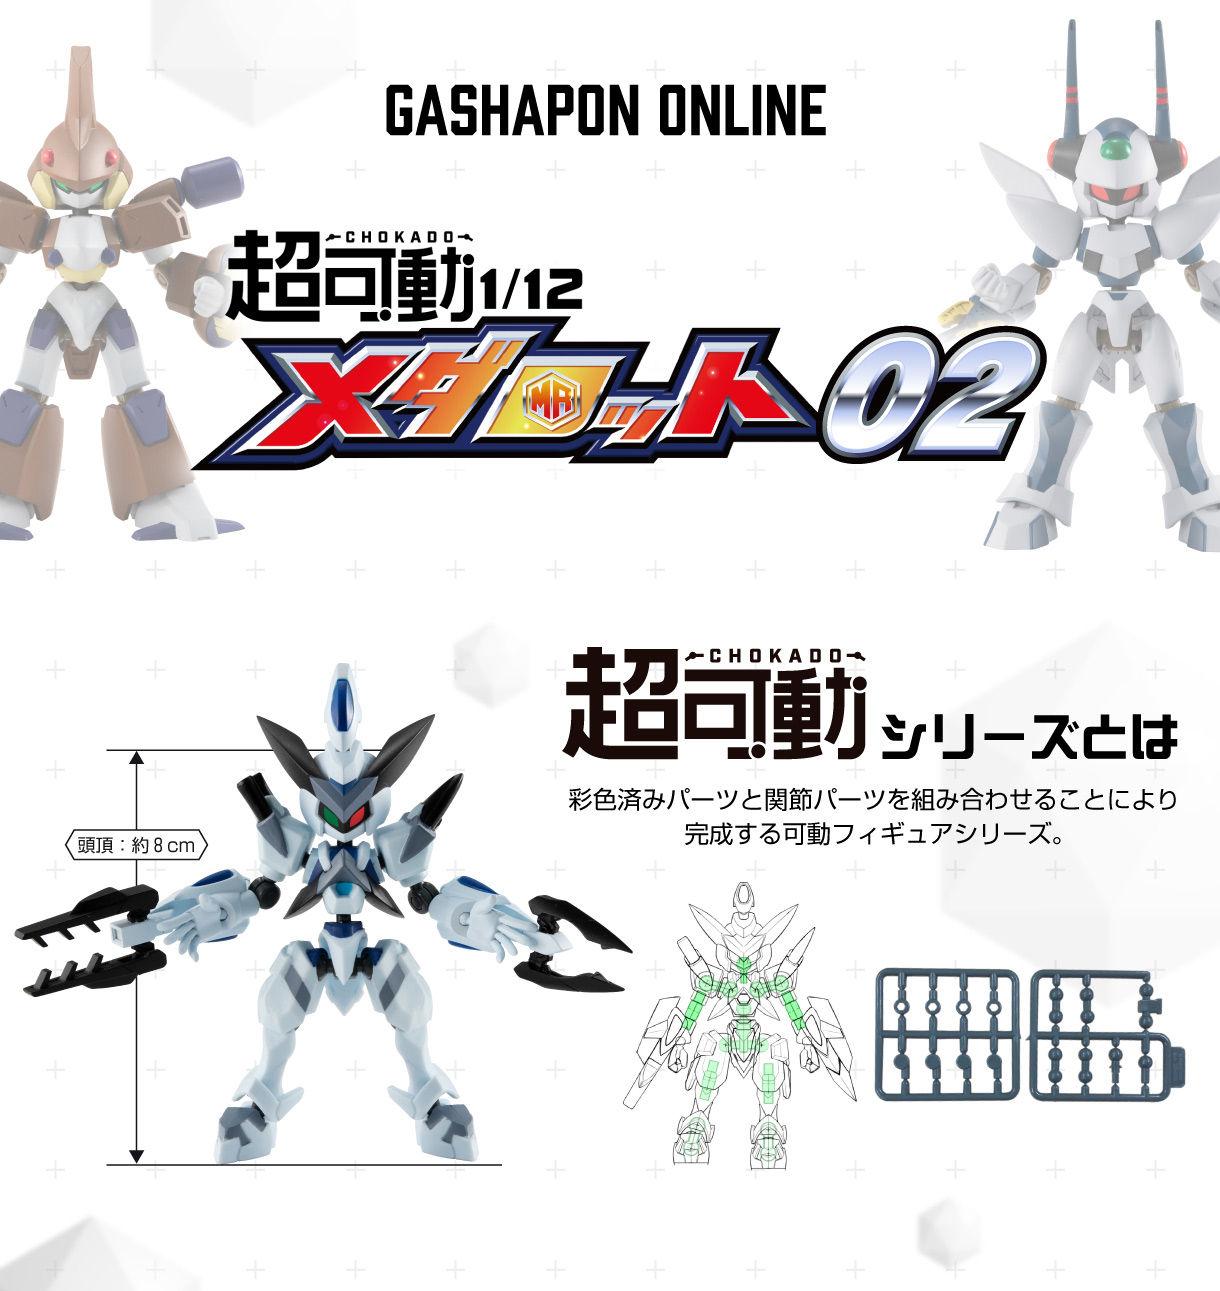 【ガシャポン】メダロット『超可動 1/12 メダロット02』可動フィギュア-001